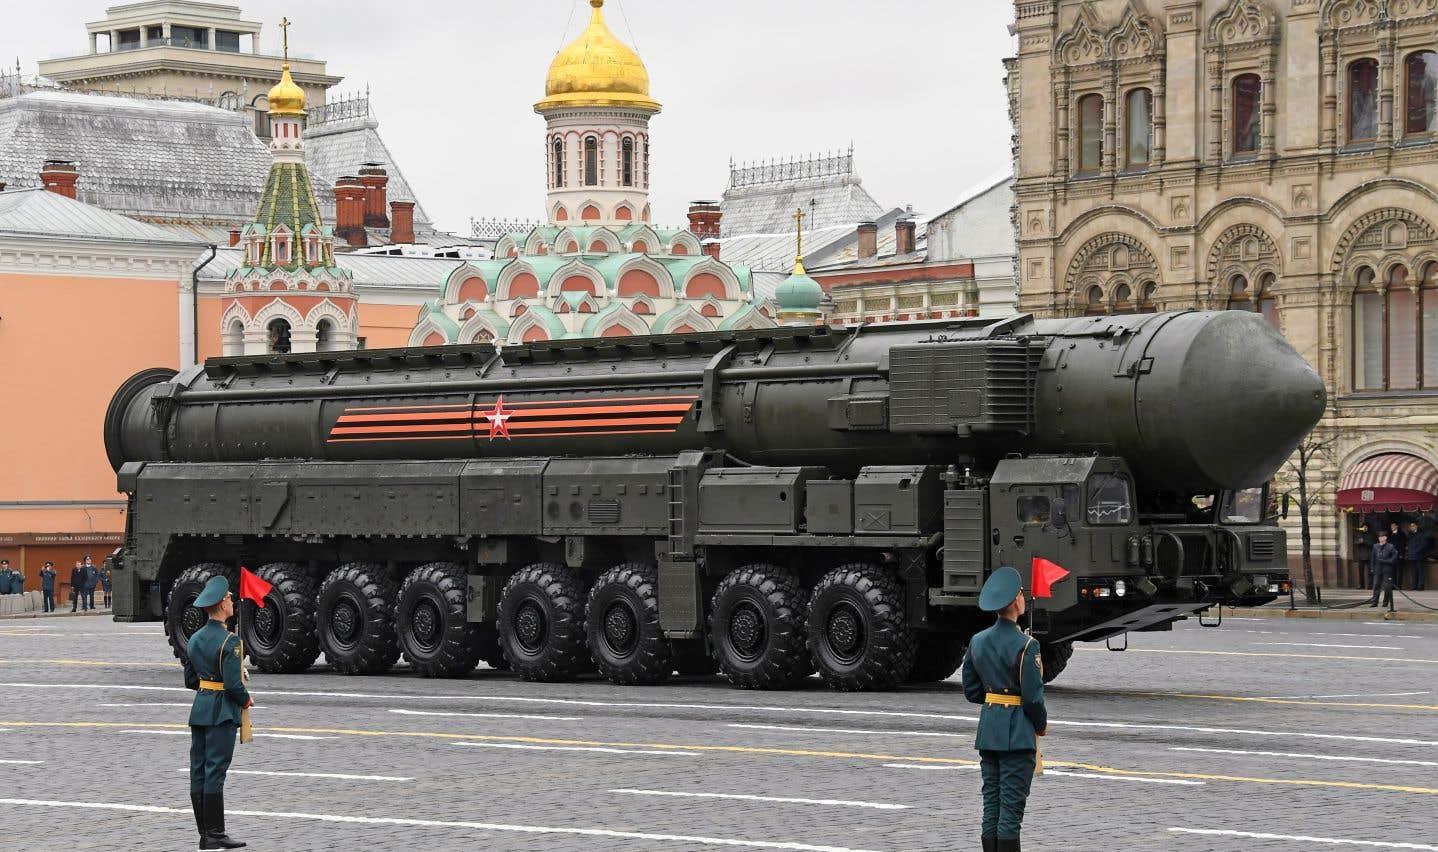 La nouvelle stratégie nucléaire américaine relance-t-elle la course aux armements?